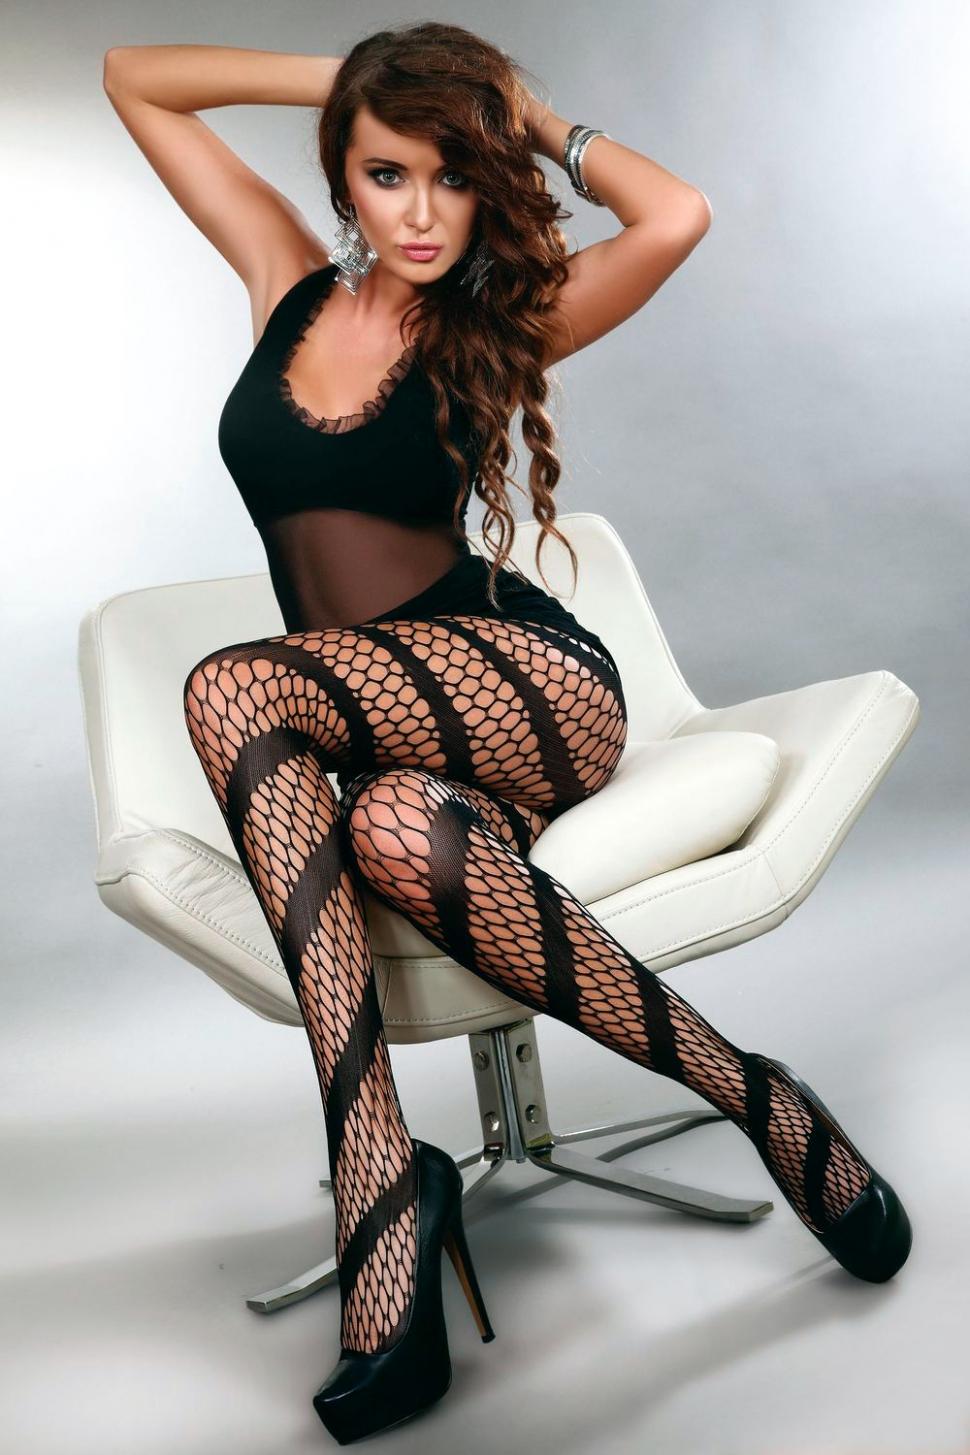 Негритянок бикини женское тело в колготках фото планом